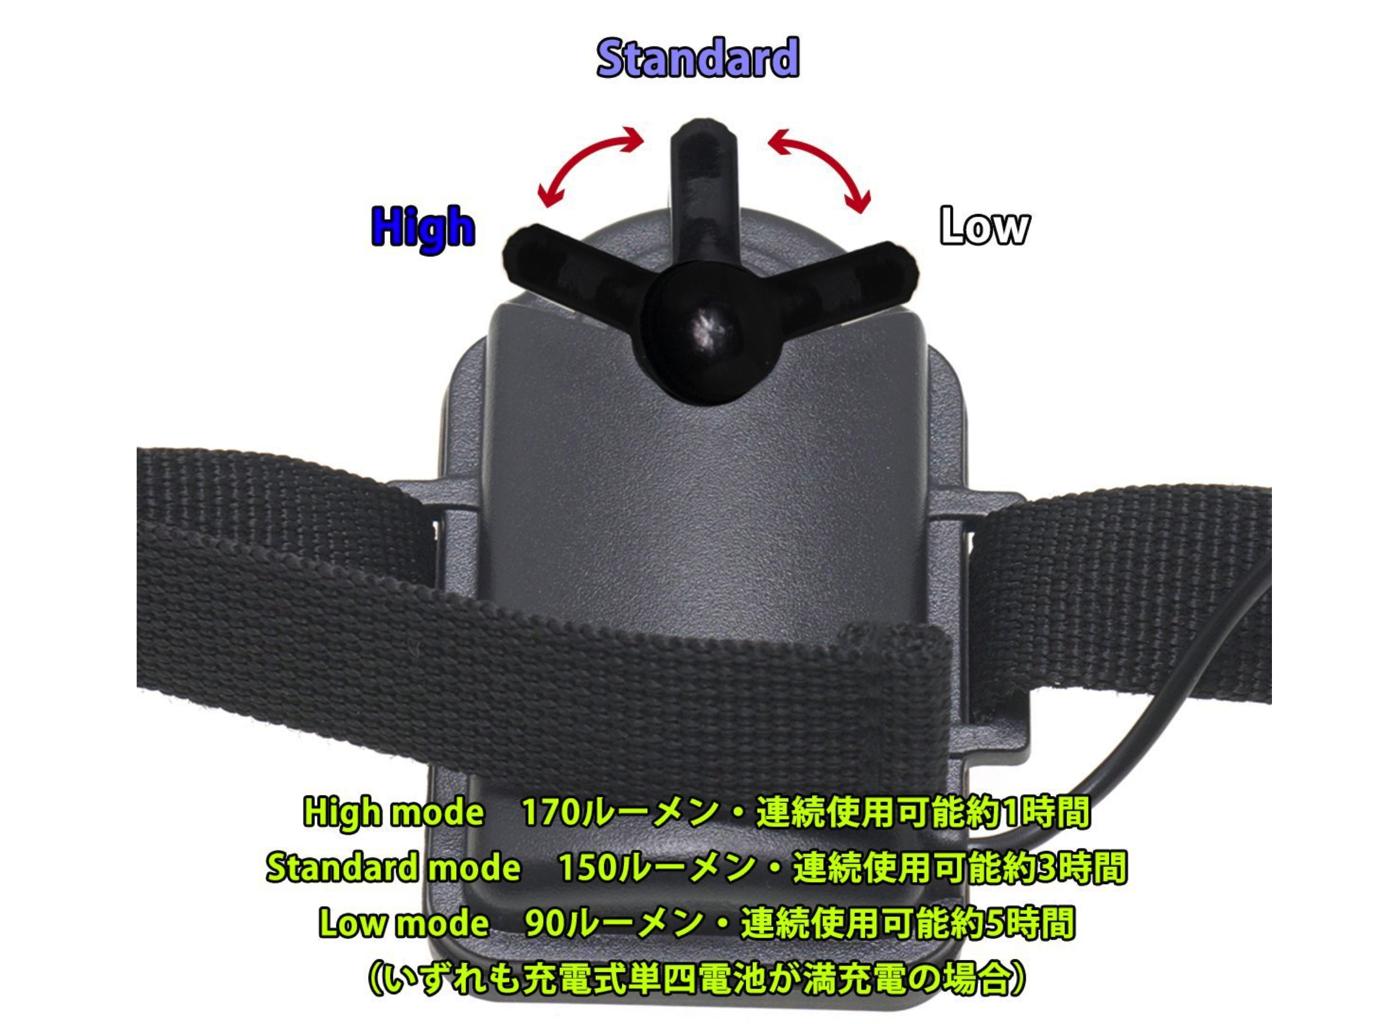 ReUdo ランニングライト 軽量ウエストベルトタイプ-5